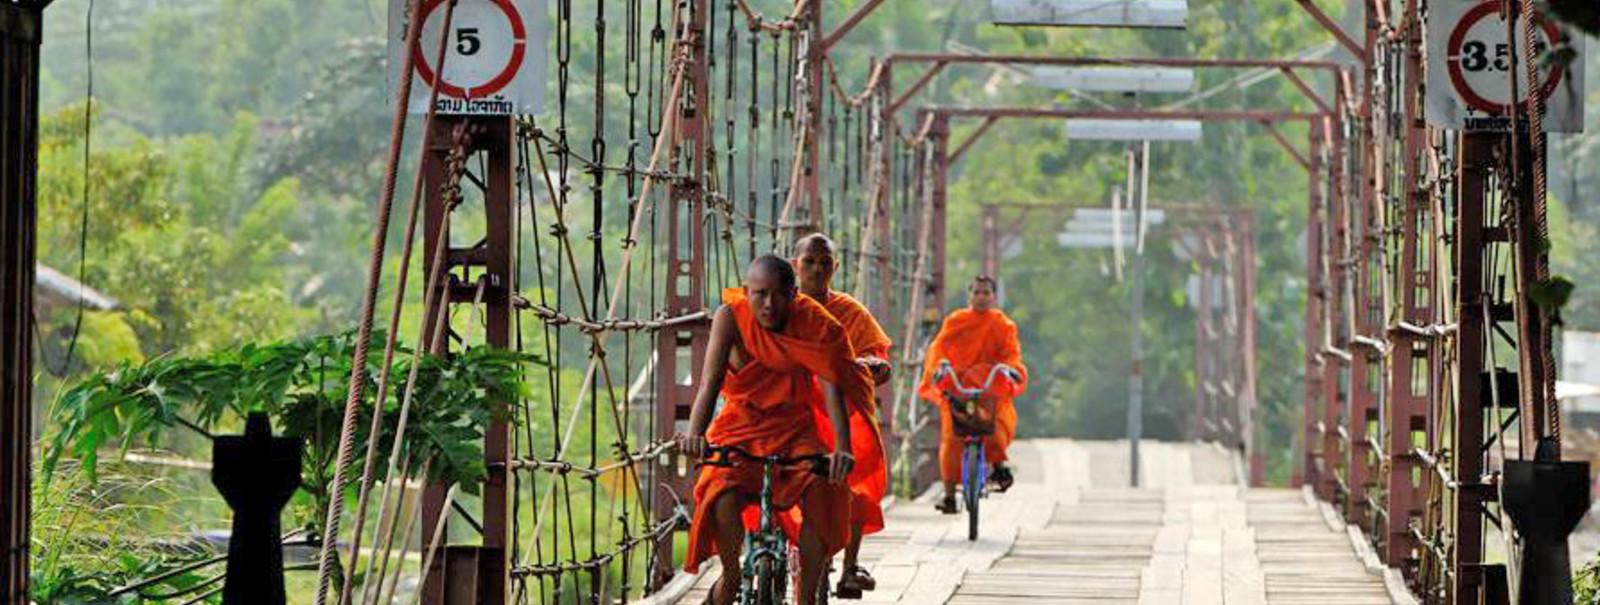 Le Laos : un pays qu'il faut découvrir absolument